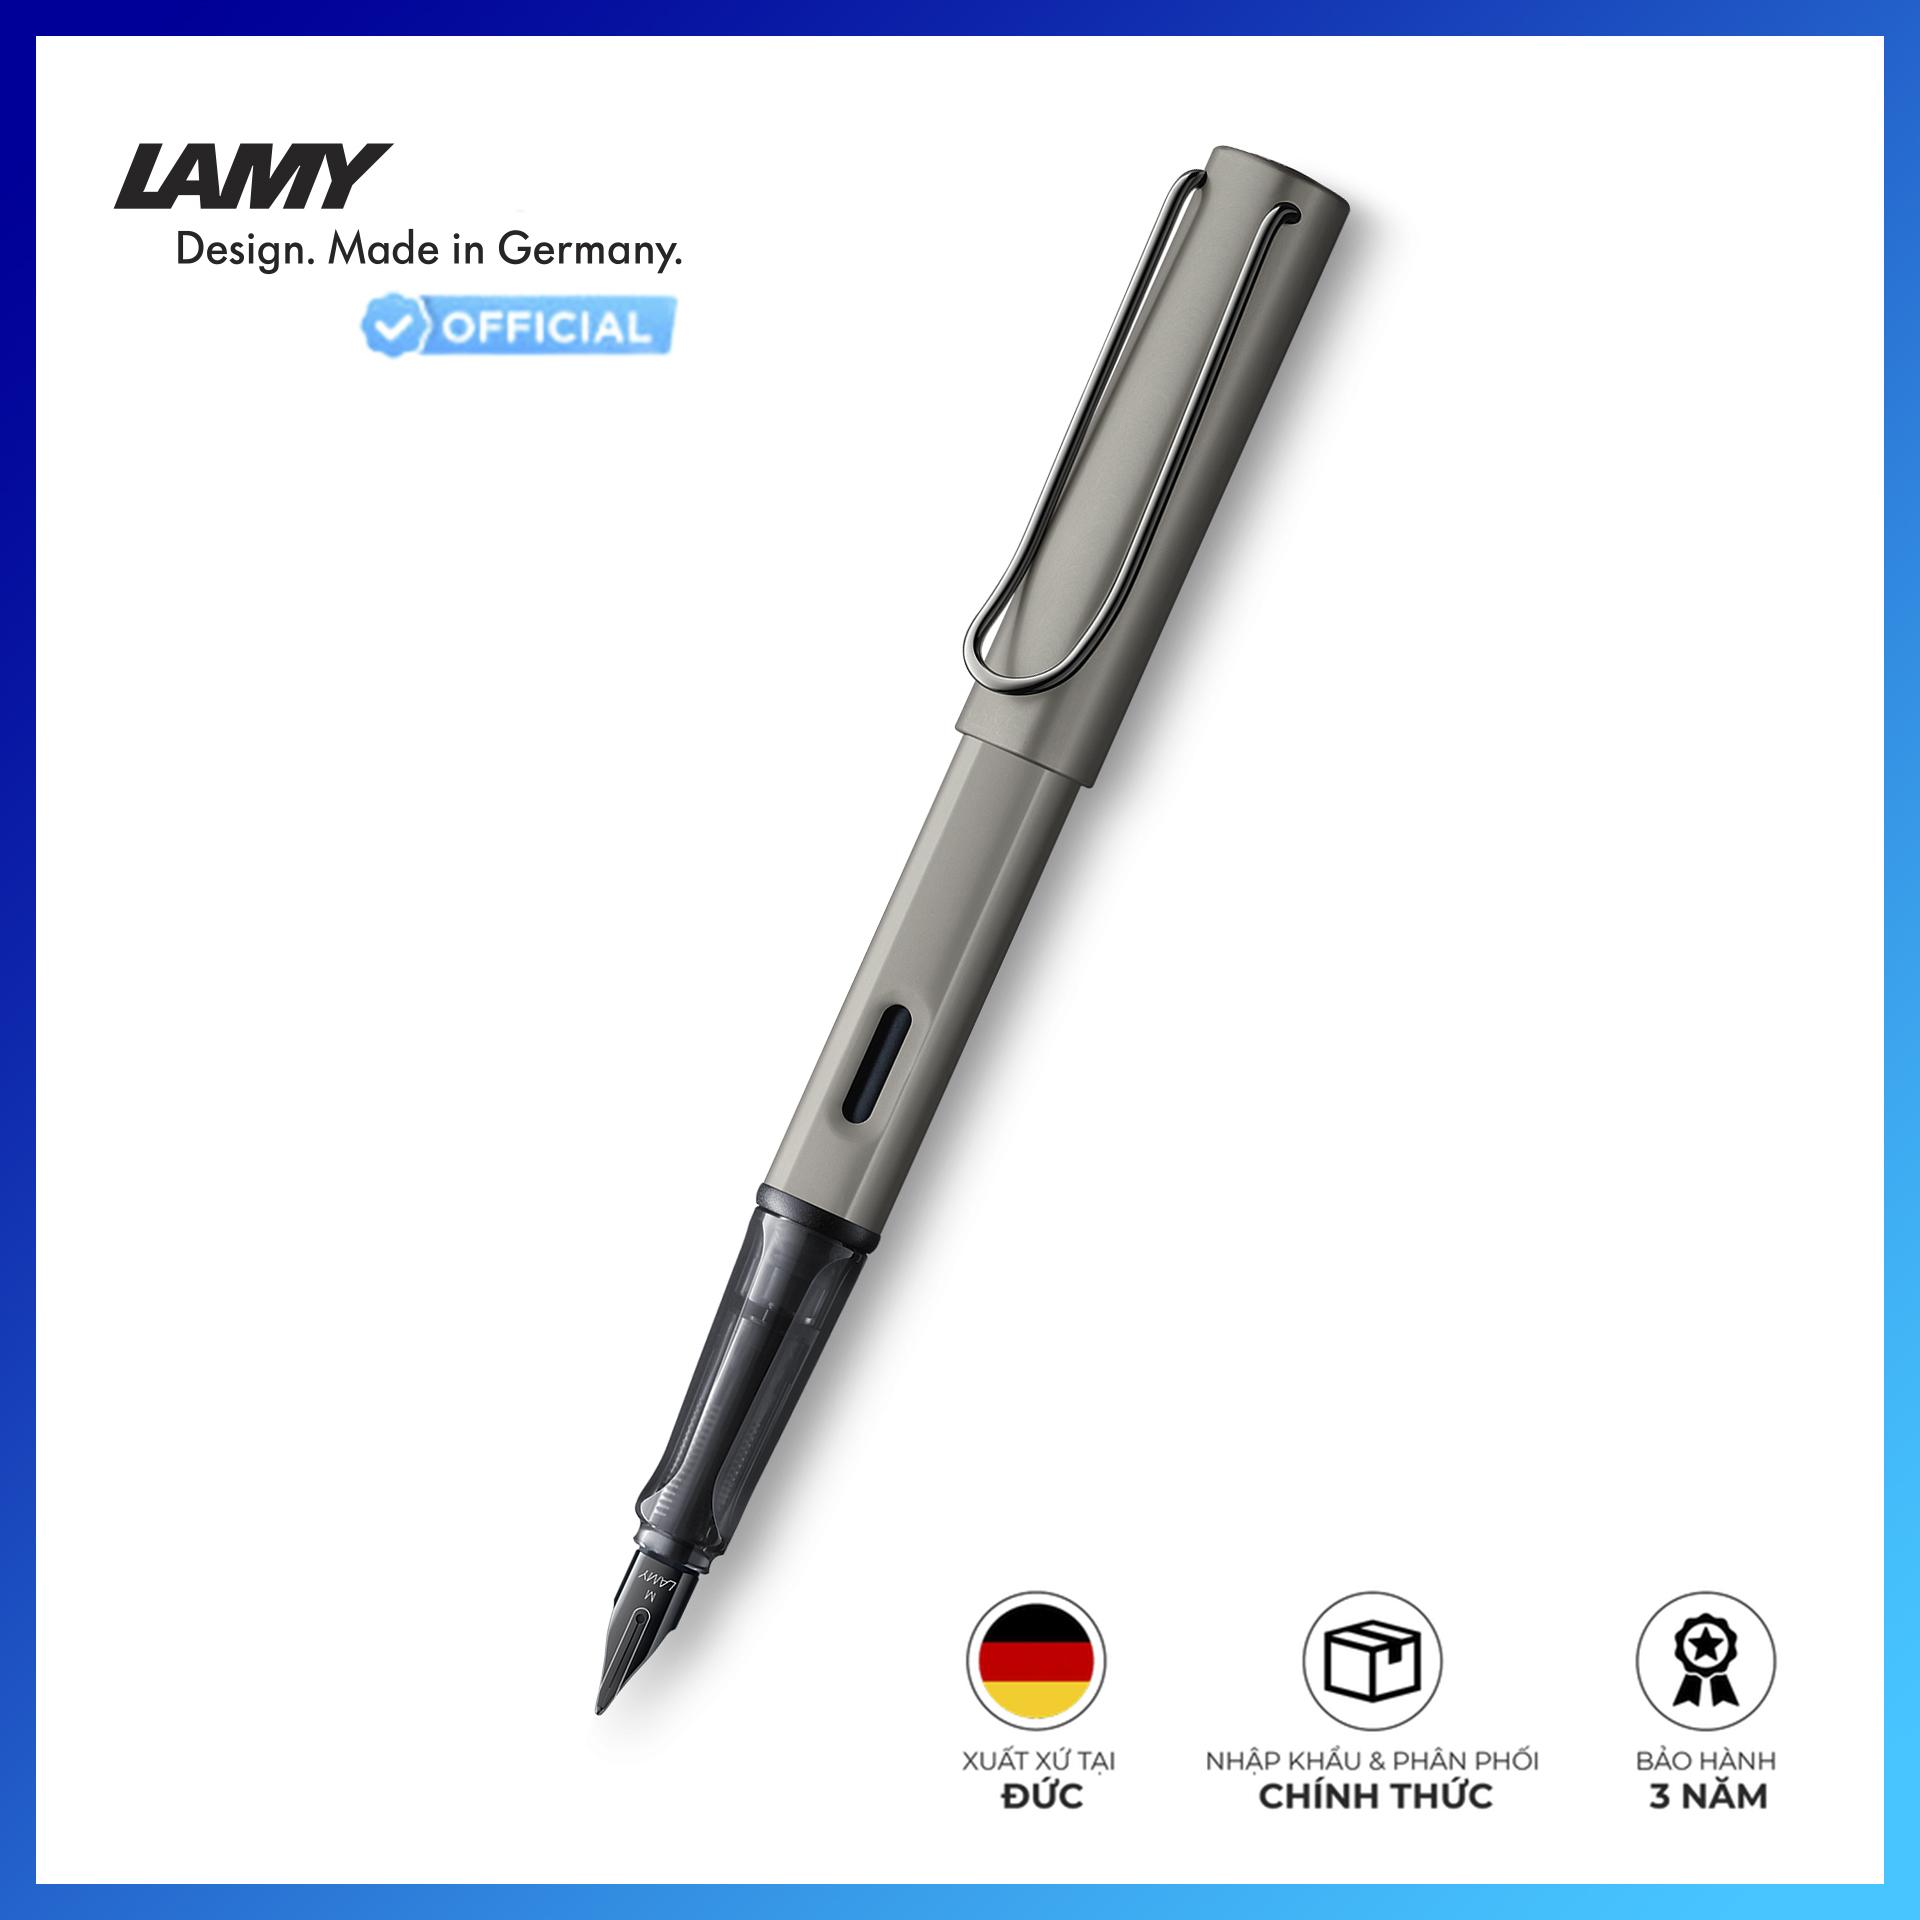 Bút Máy LAMY Lx Ru (Ruthenium) - 4031493